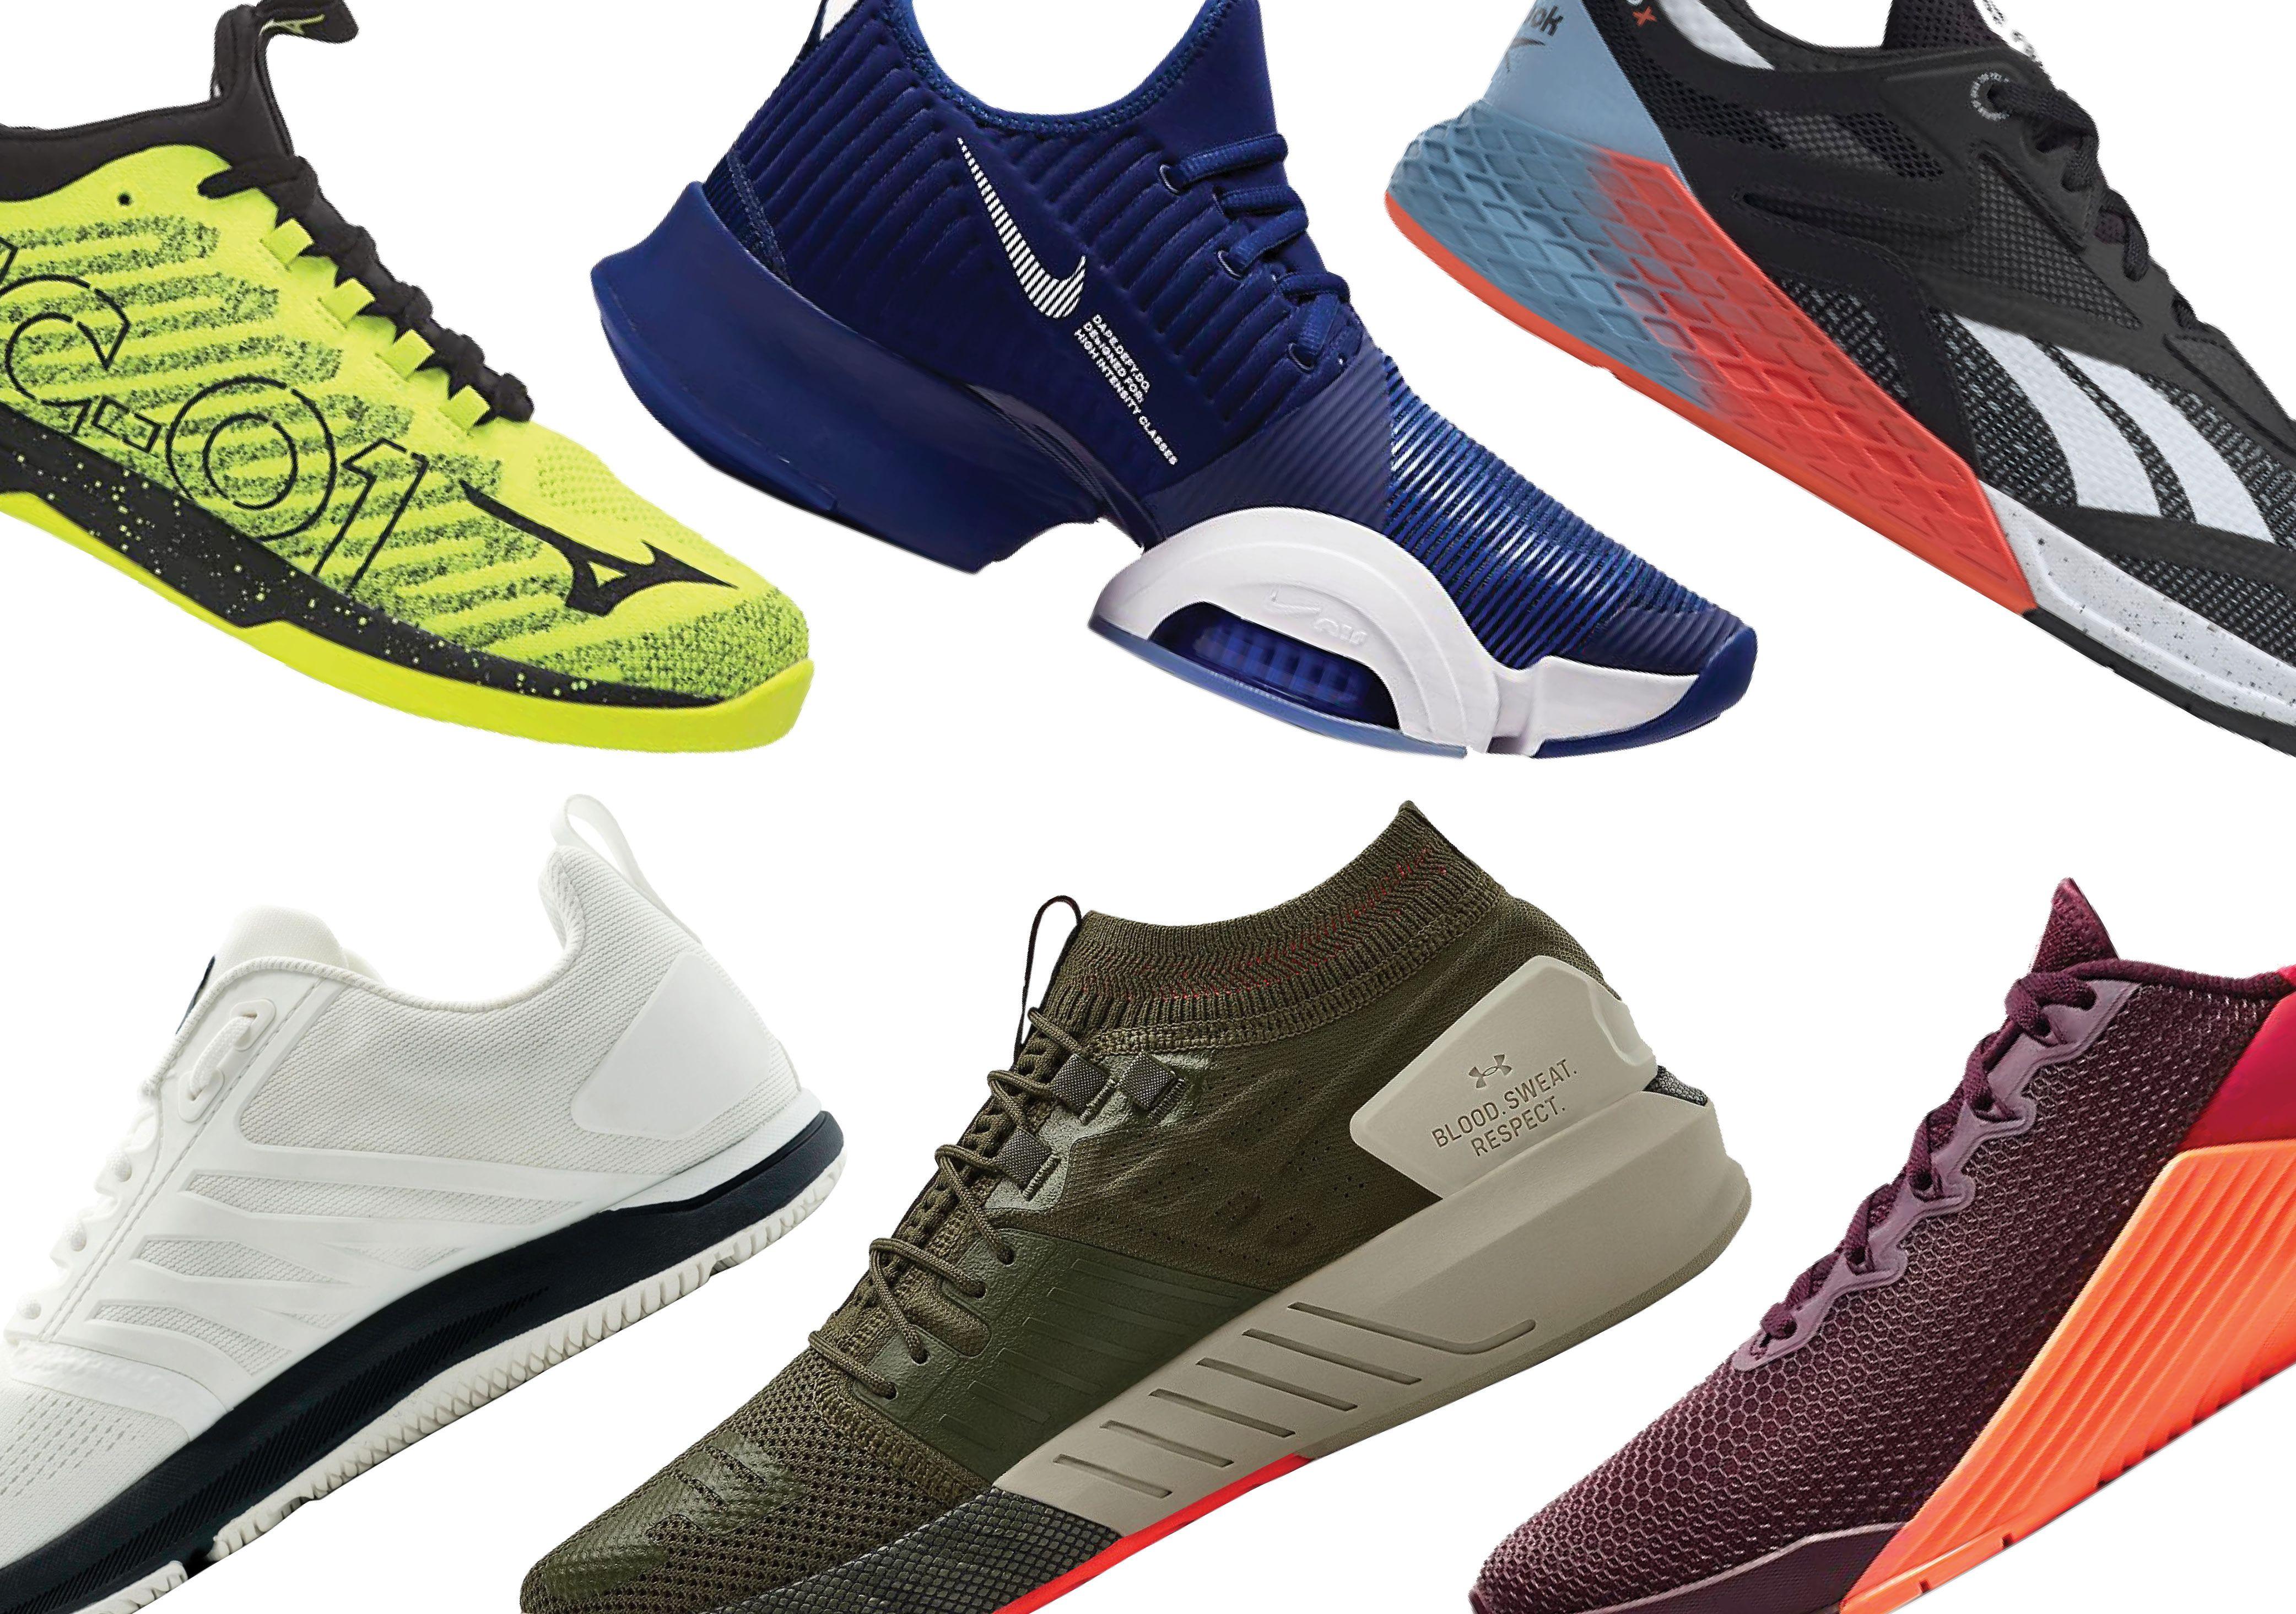 mens mizuno running shoes size 9.5 eu weight regular test